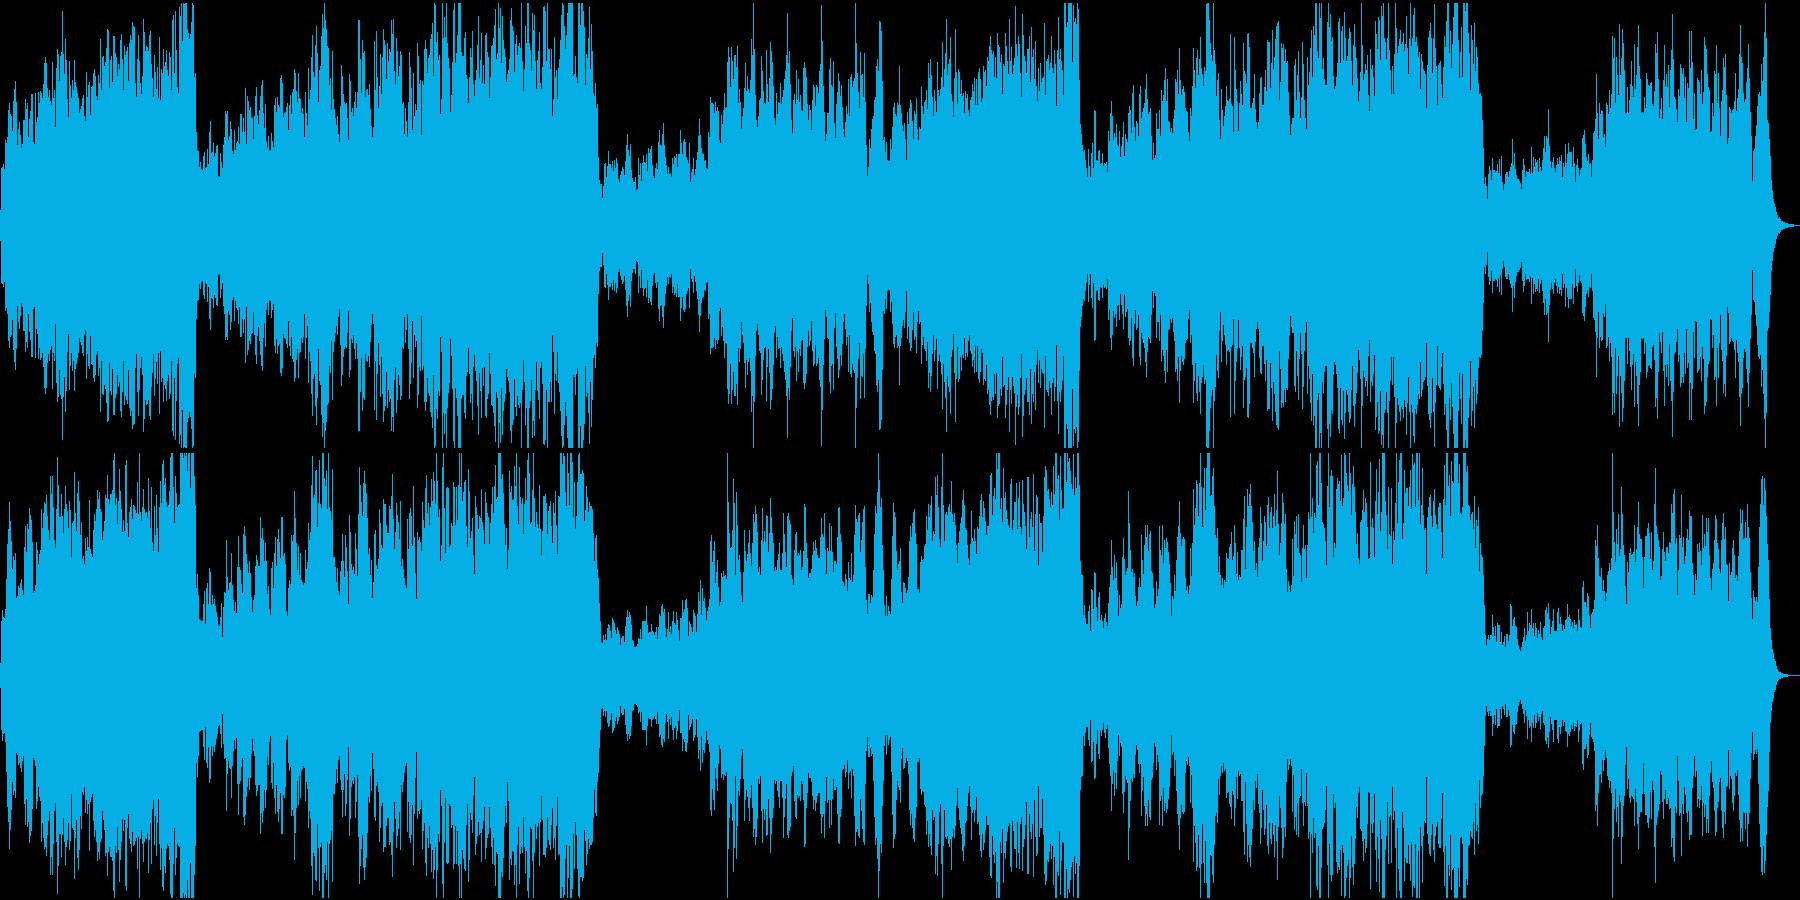 ファンファーレ+ハリウッド風BGMの再生済みの波形